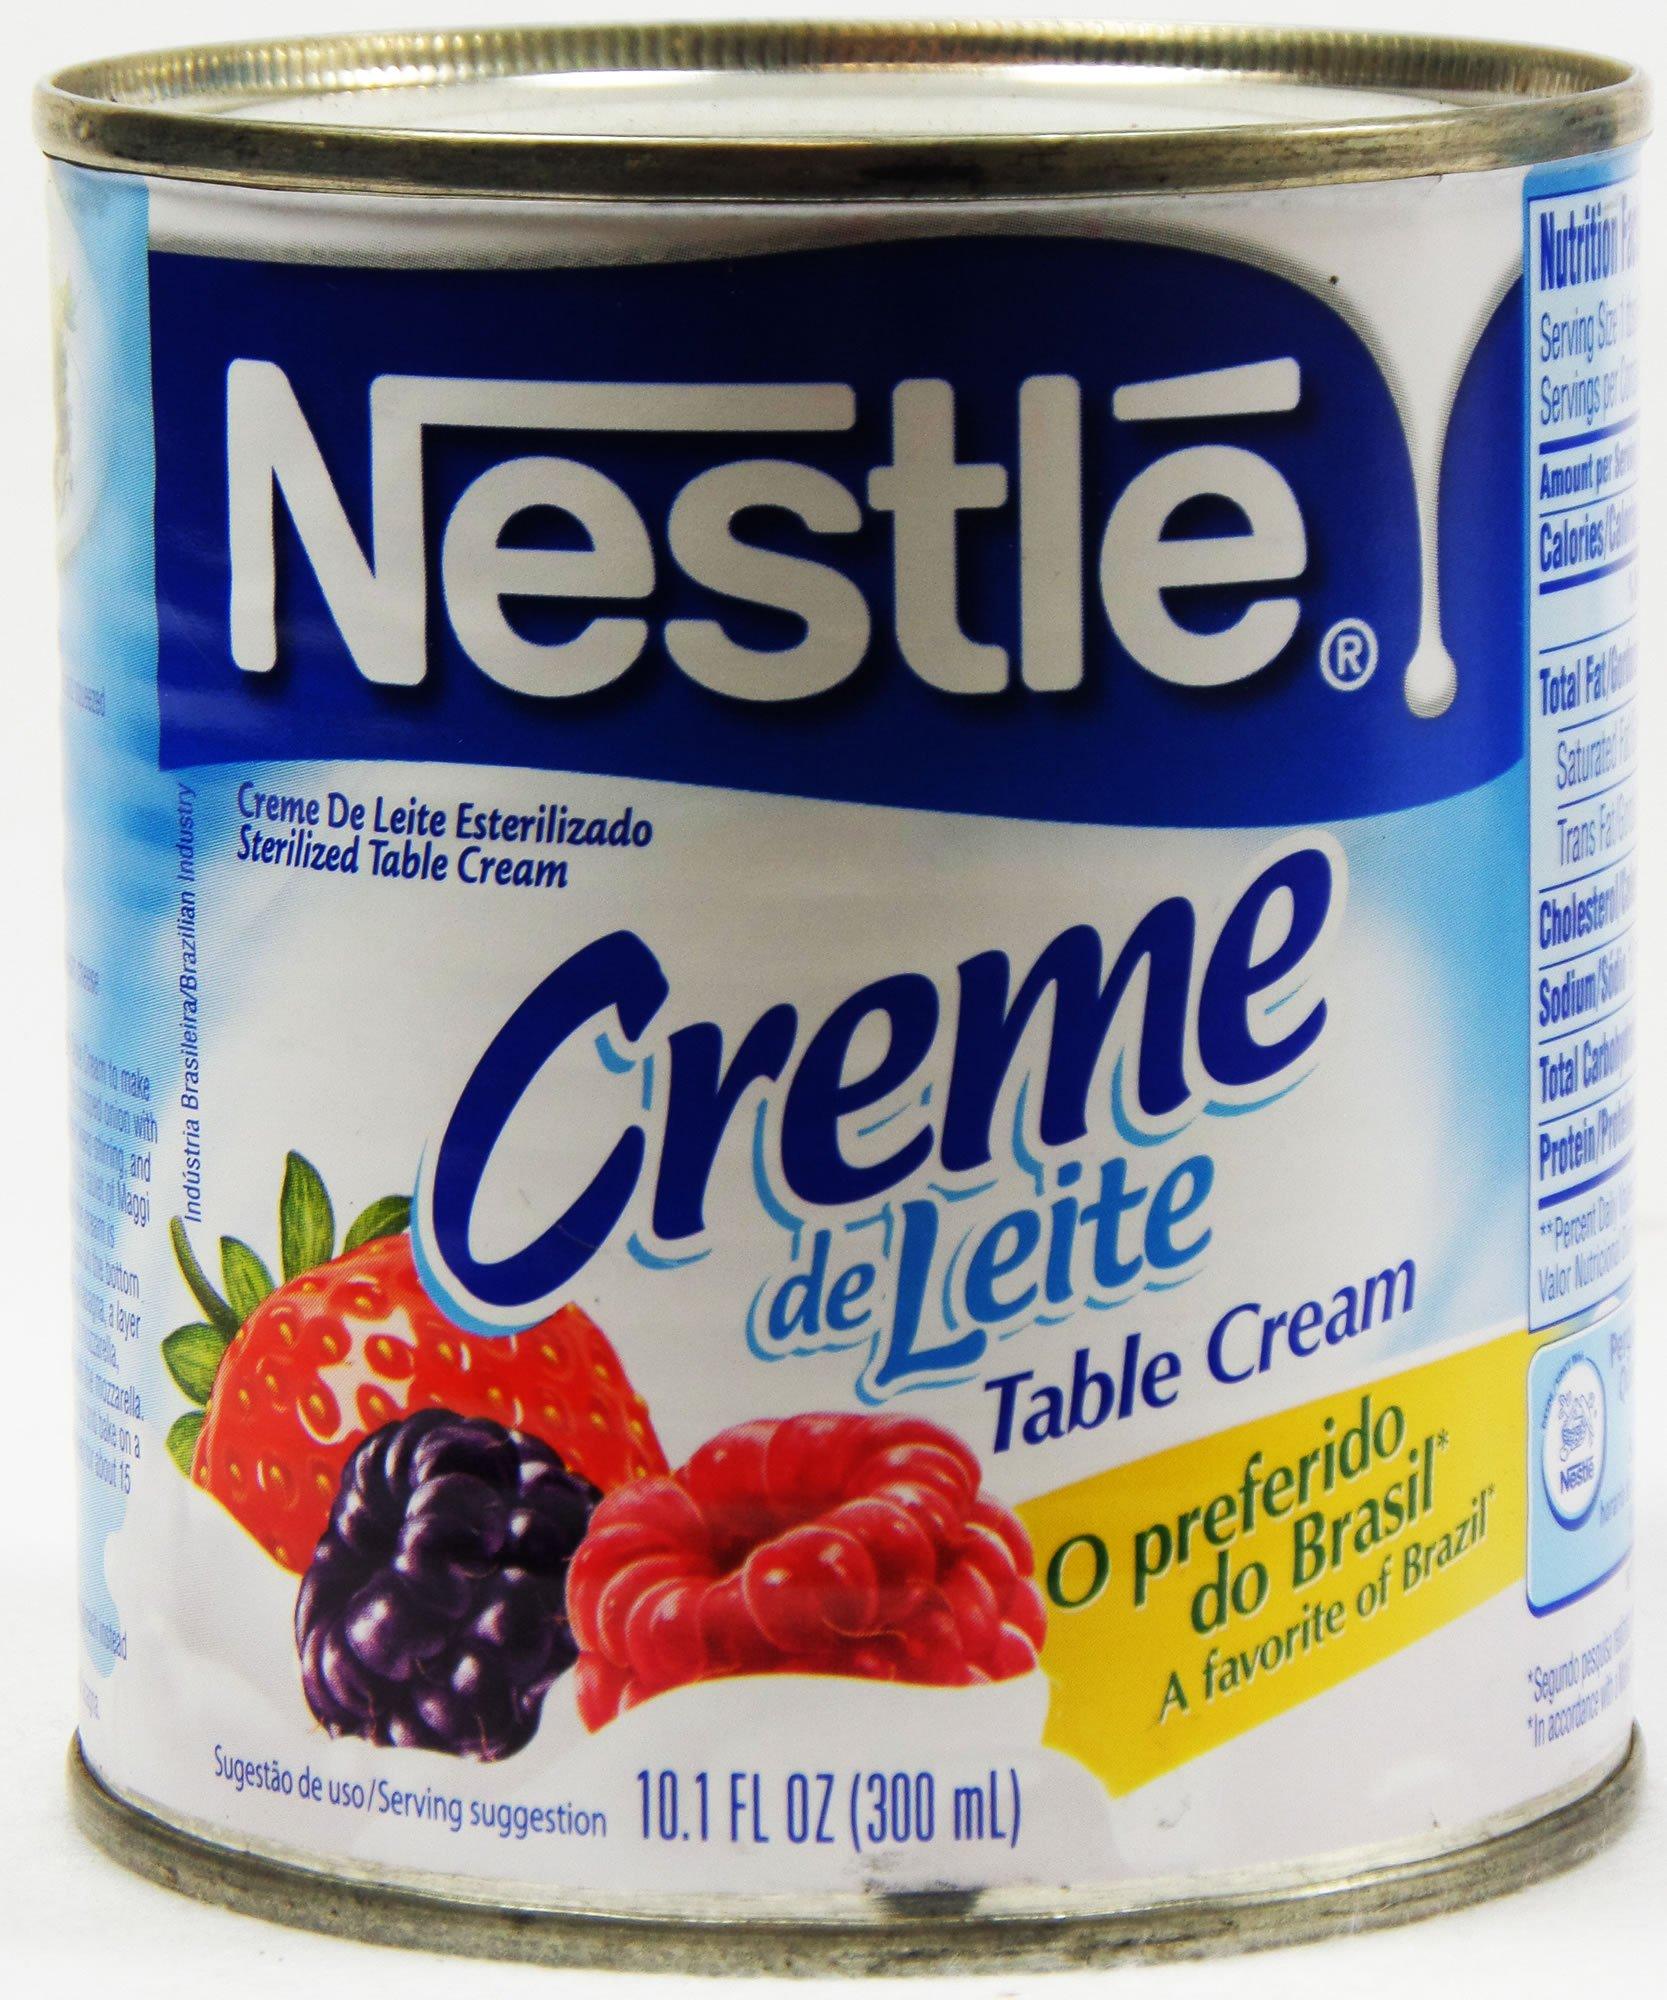 Nestlé Creme de Leite 300ml   Table Cream 10.1 Fl.Oz. (Pack of 04) by Nestle (Image #2)